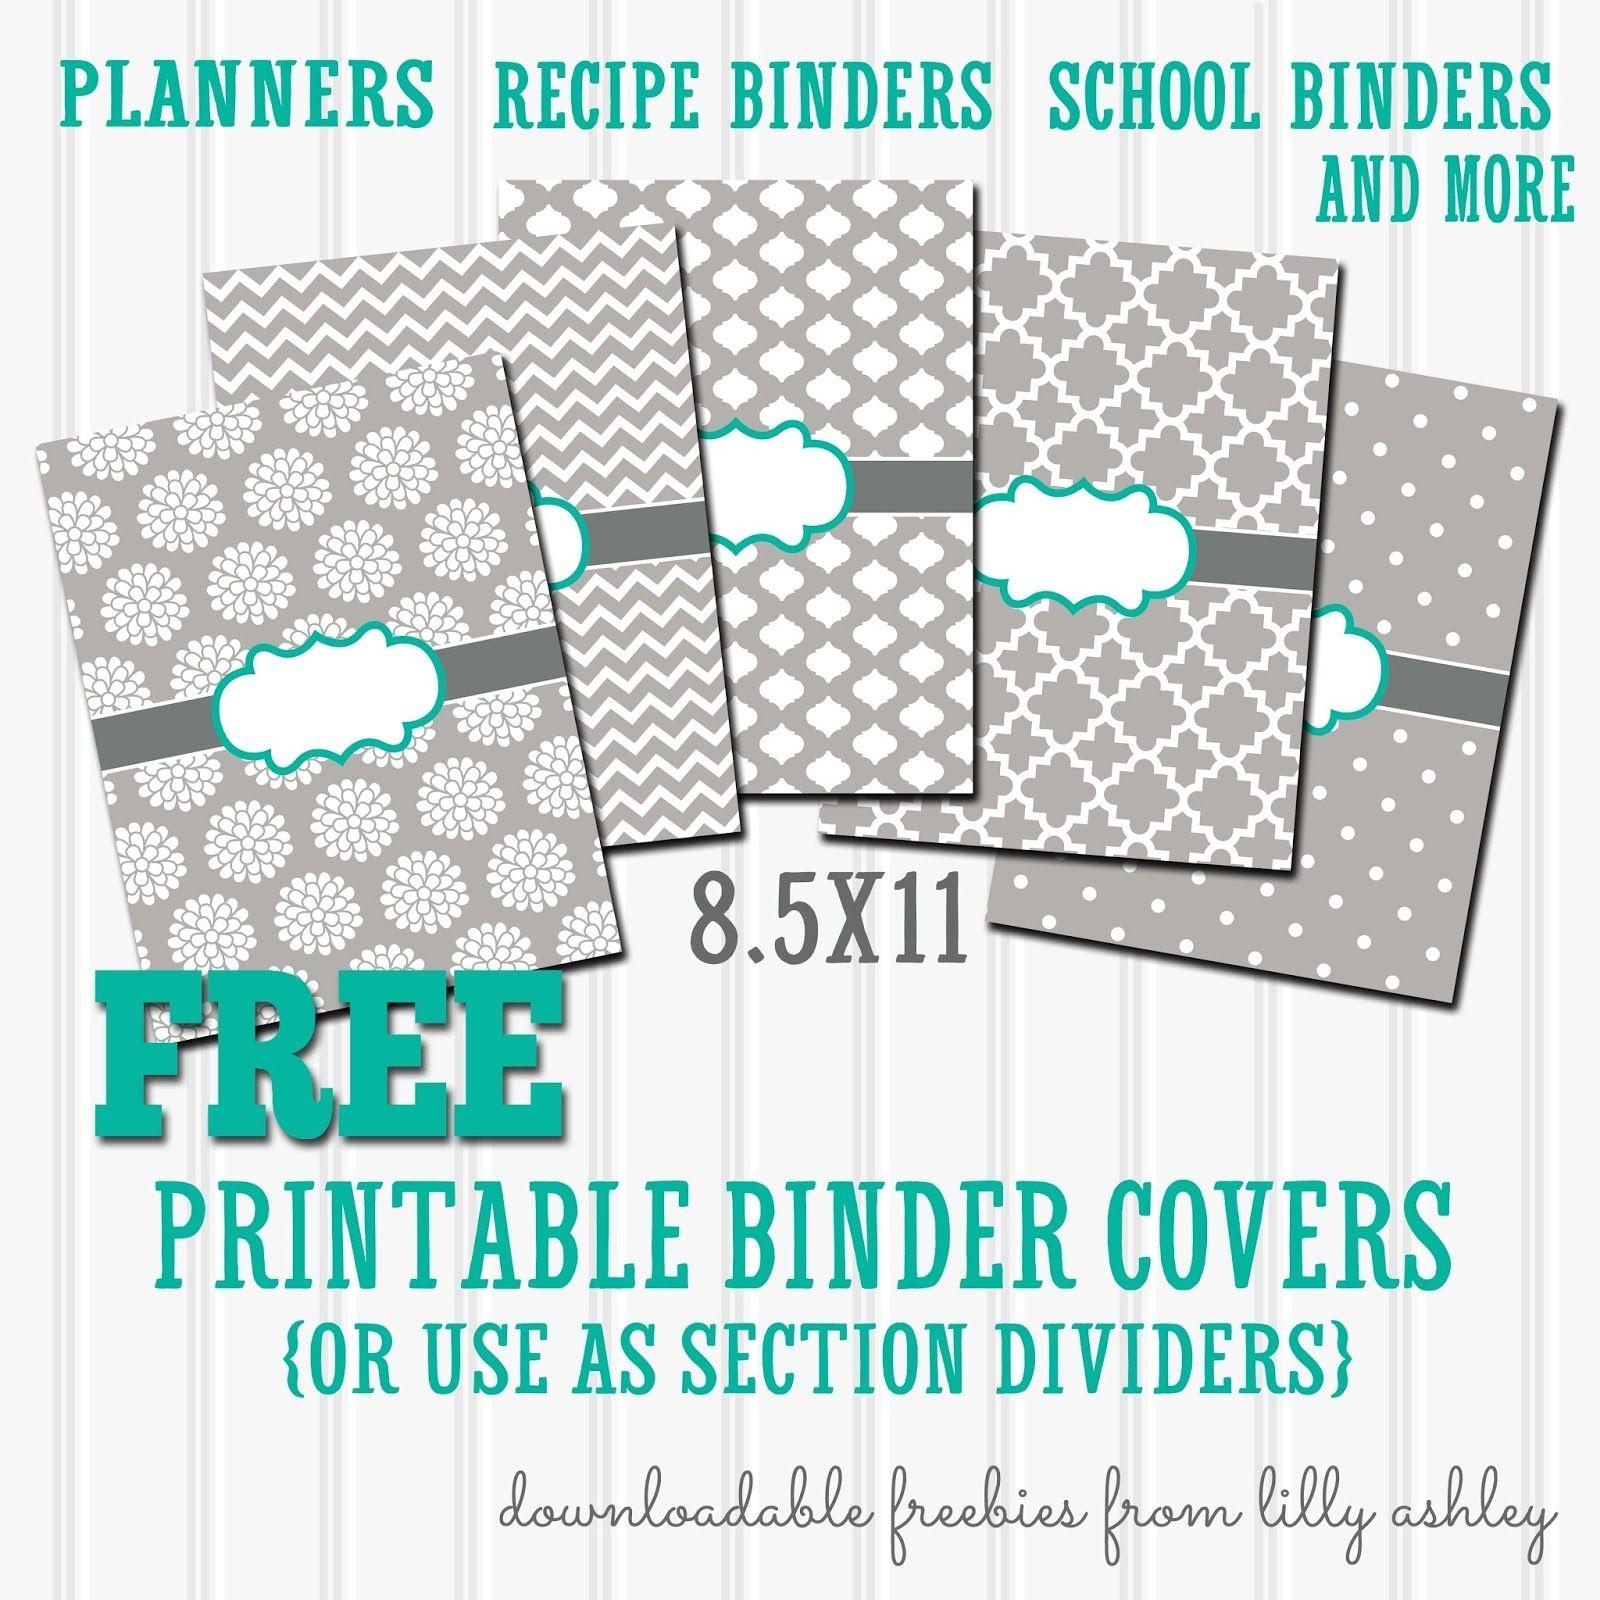 Free Binder Covers Printable Set | Preschool | Teacher Binder Covers - Free Printable Binder Covers And Spines